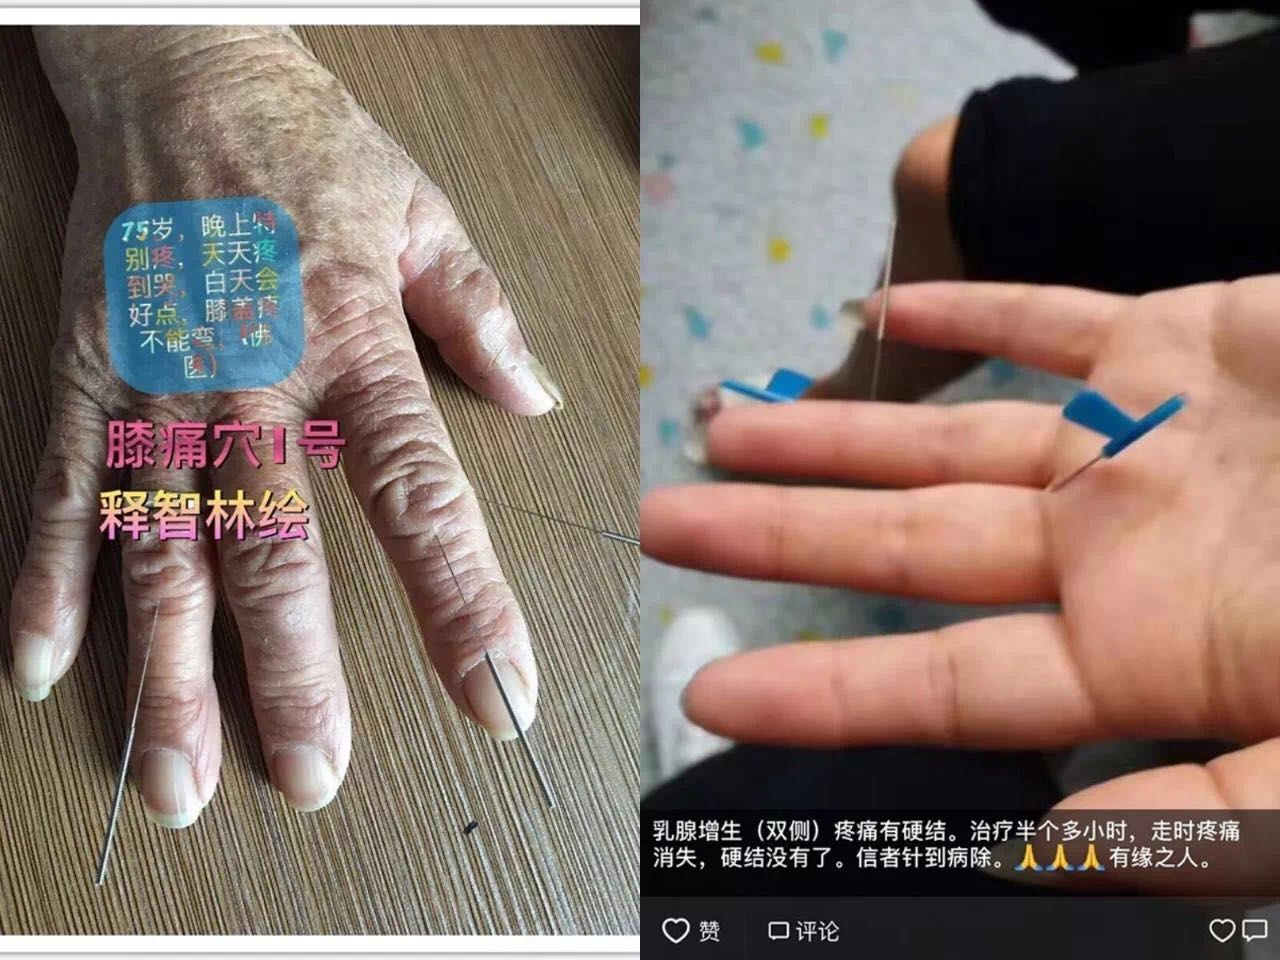 柳州针灸培训机构